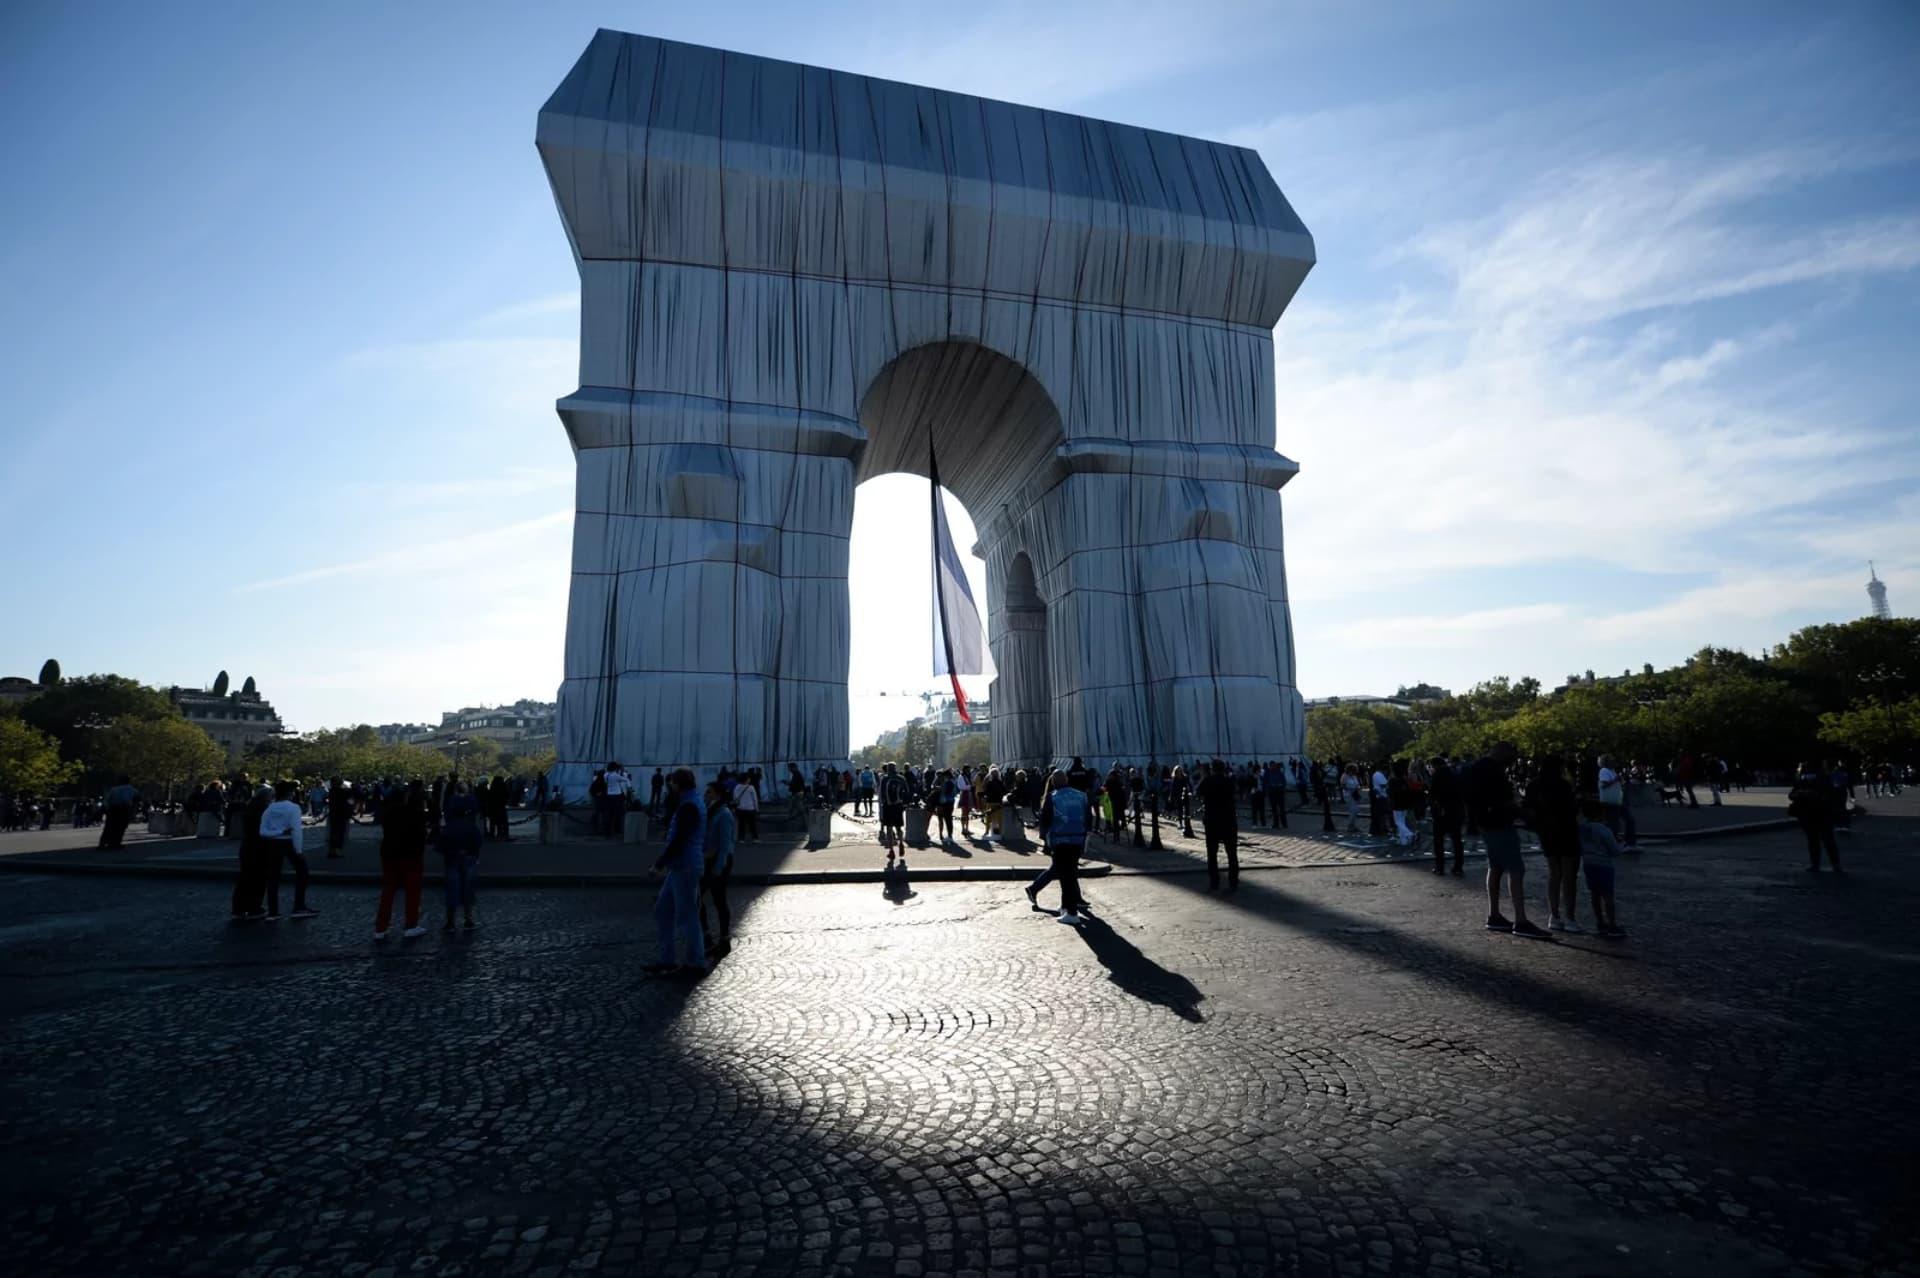 ¿Por qué el Arco de Triunfo de Paris esta todo cubierto?